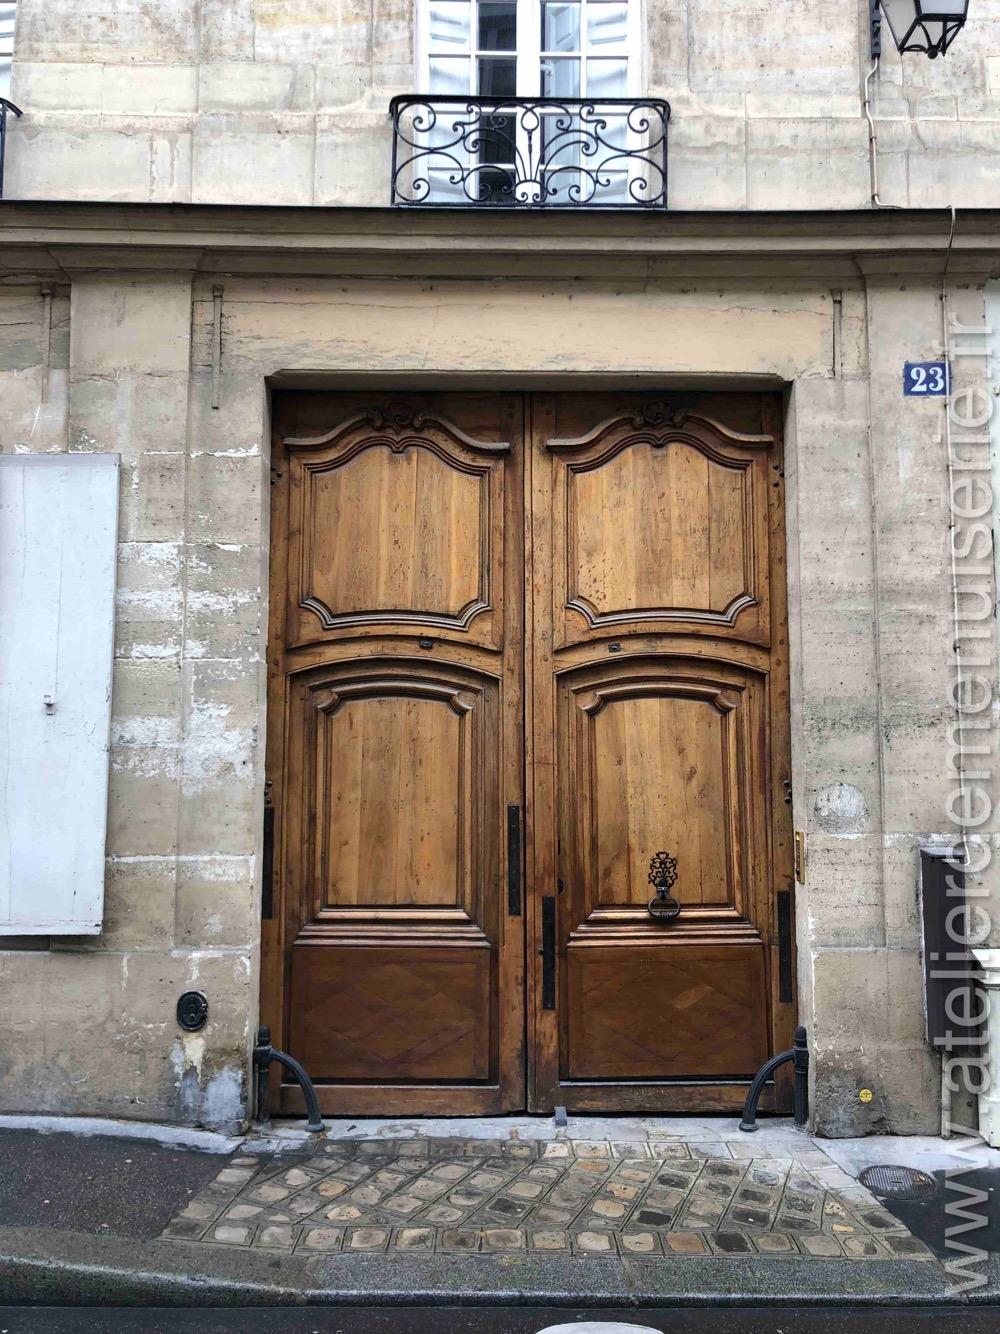 Porte Cochère - 23 RUE CHARLES V PARIS 4